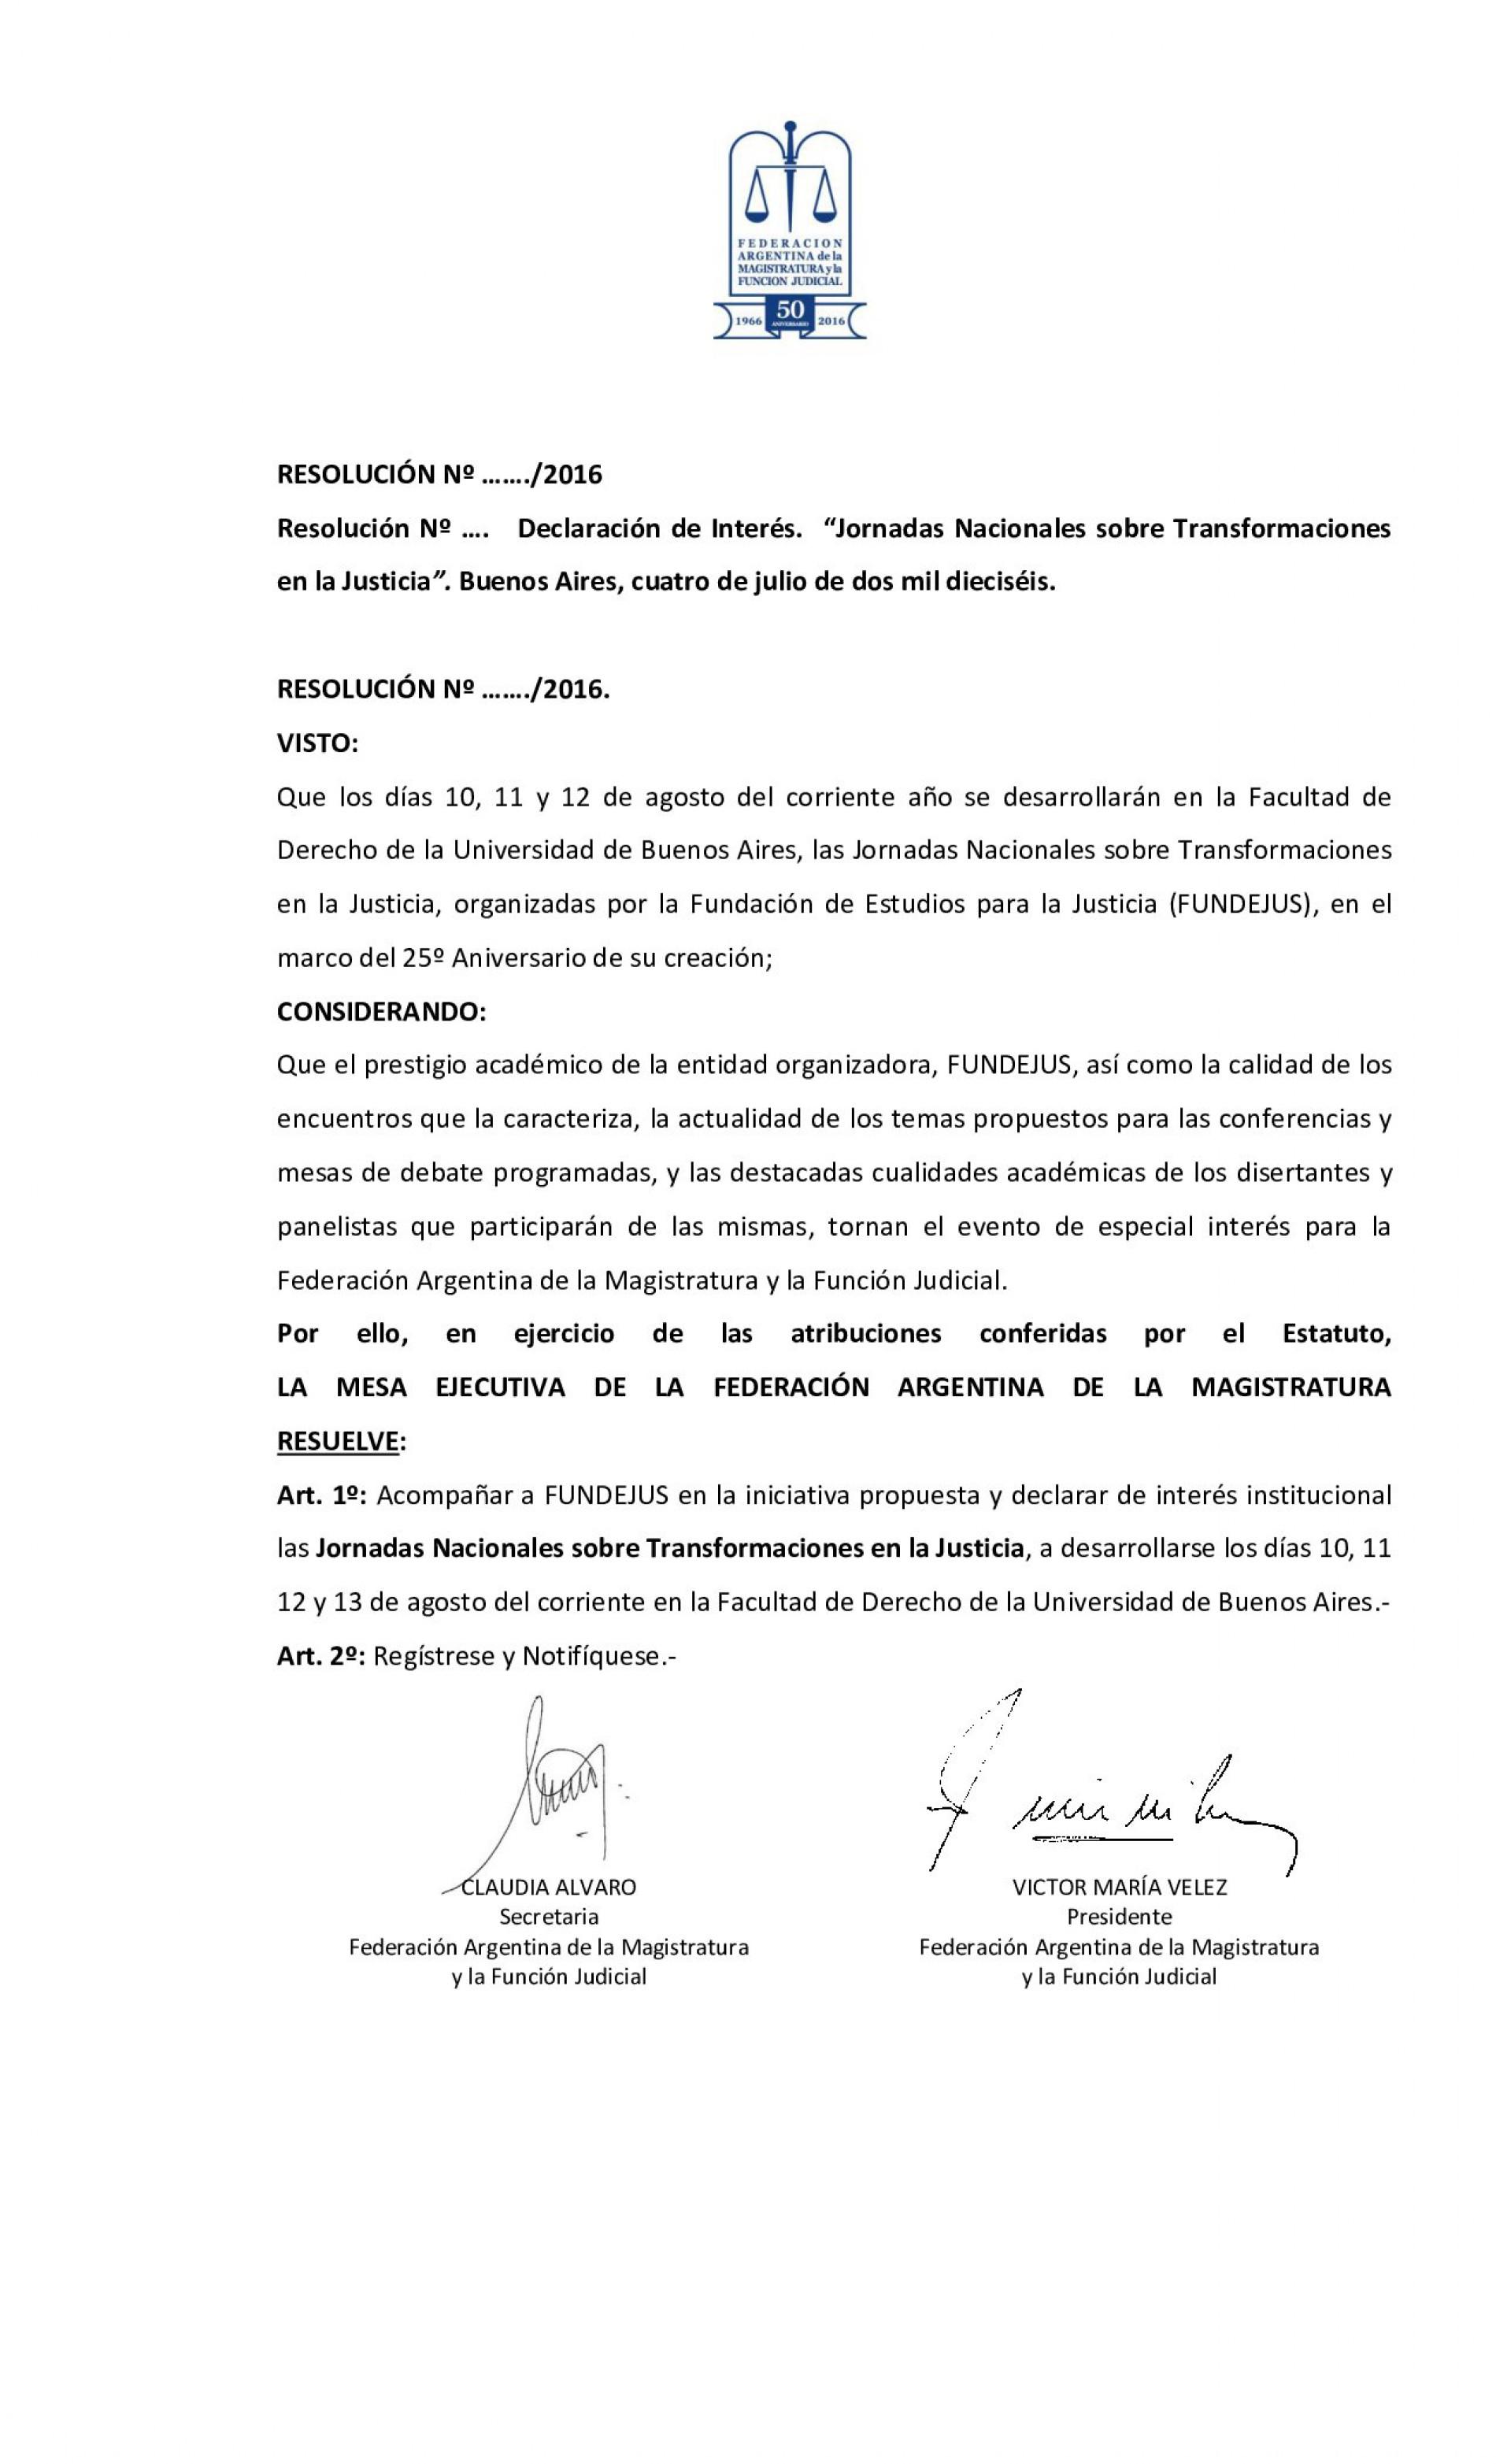 Federación Argentina de la Magistratura y la Función Judicial- Declara de interés las Jornadas Nacionales sobre Transformaciones en la Justicia